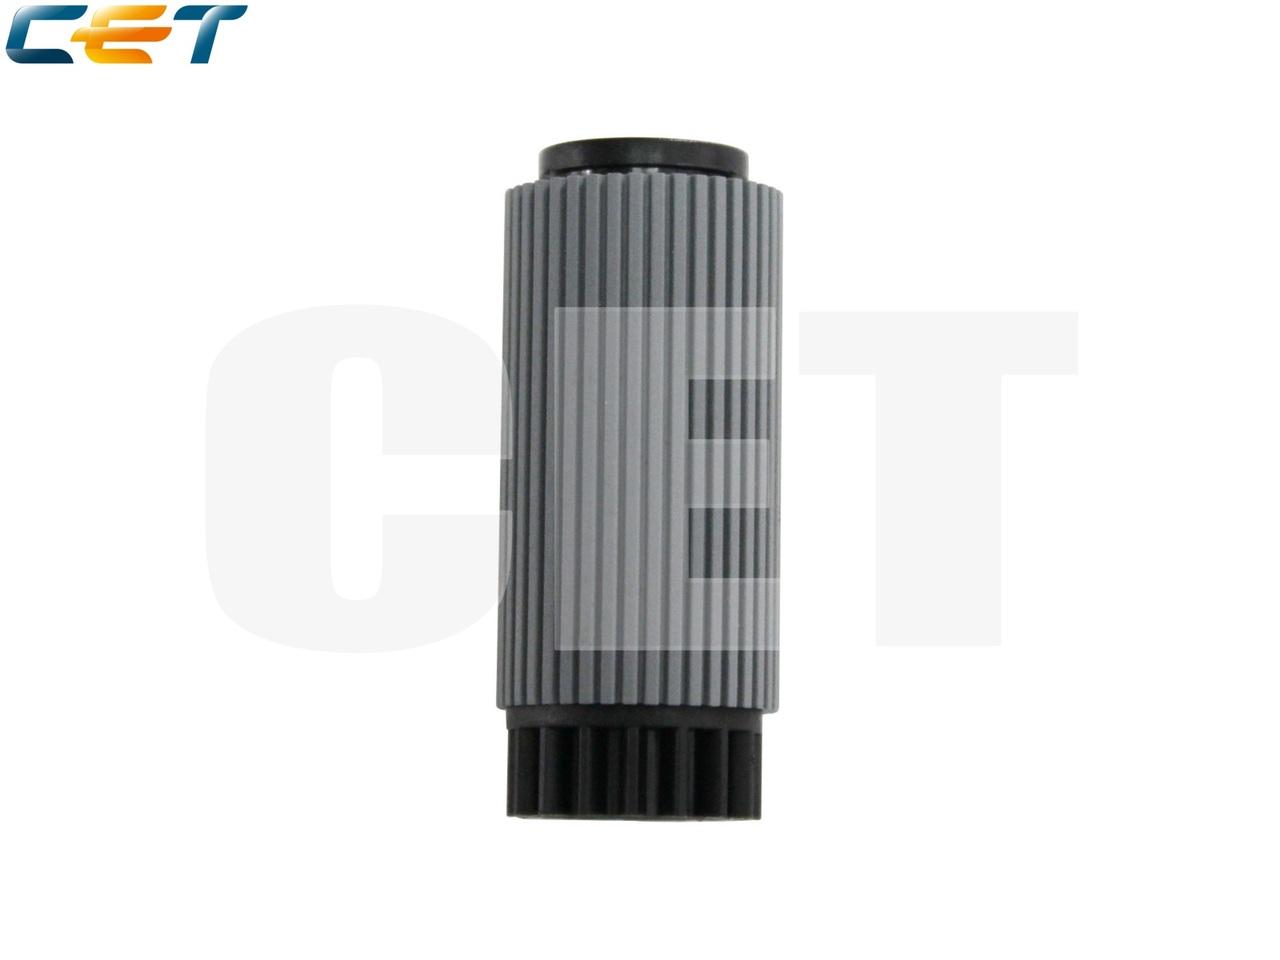 Ролик подхвата FB6-3405-000 для CANONiR2270/2870/3025/3225/3030/3035/3045/C2880/C3380 (CET),CET5010